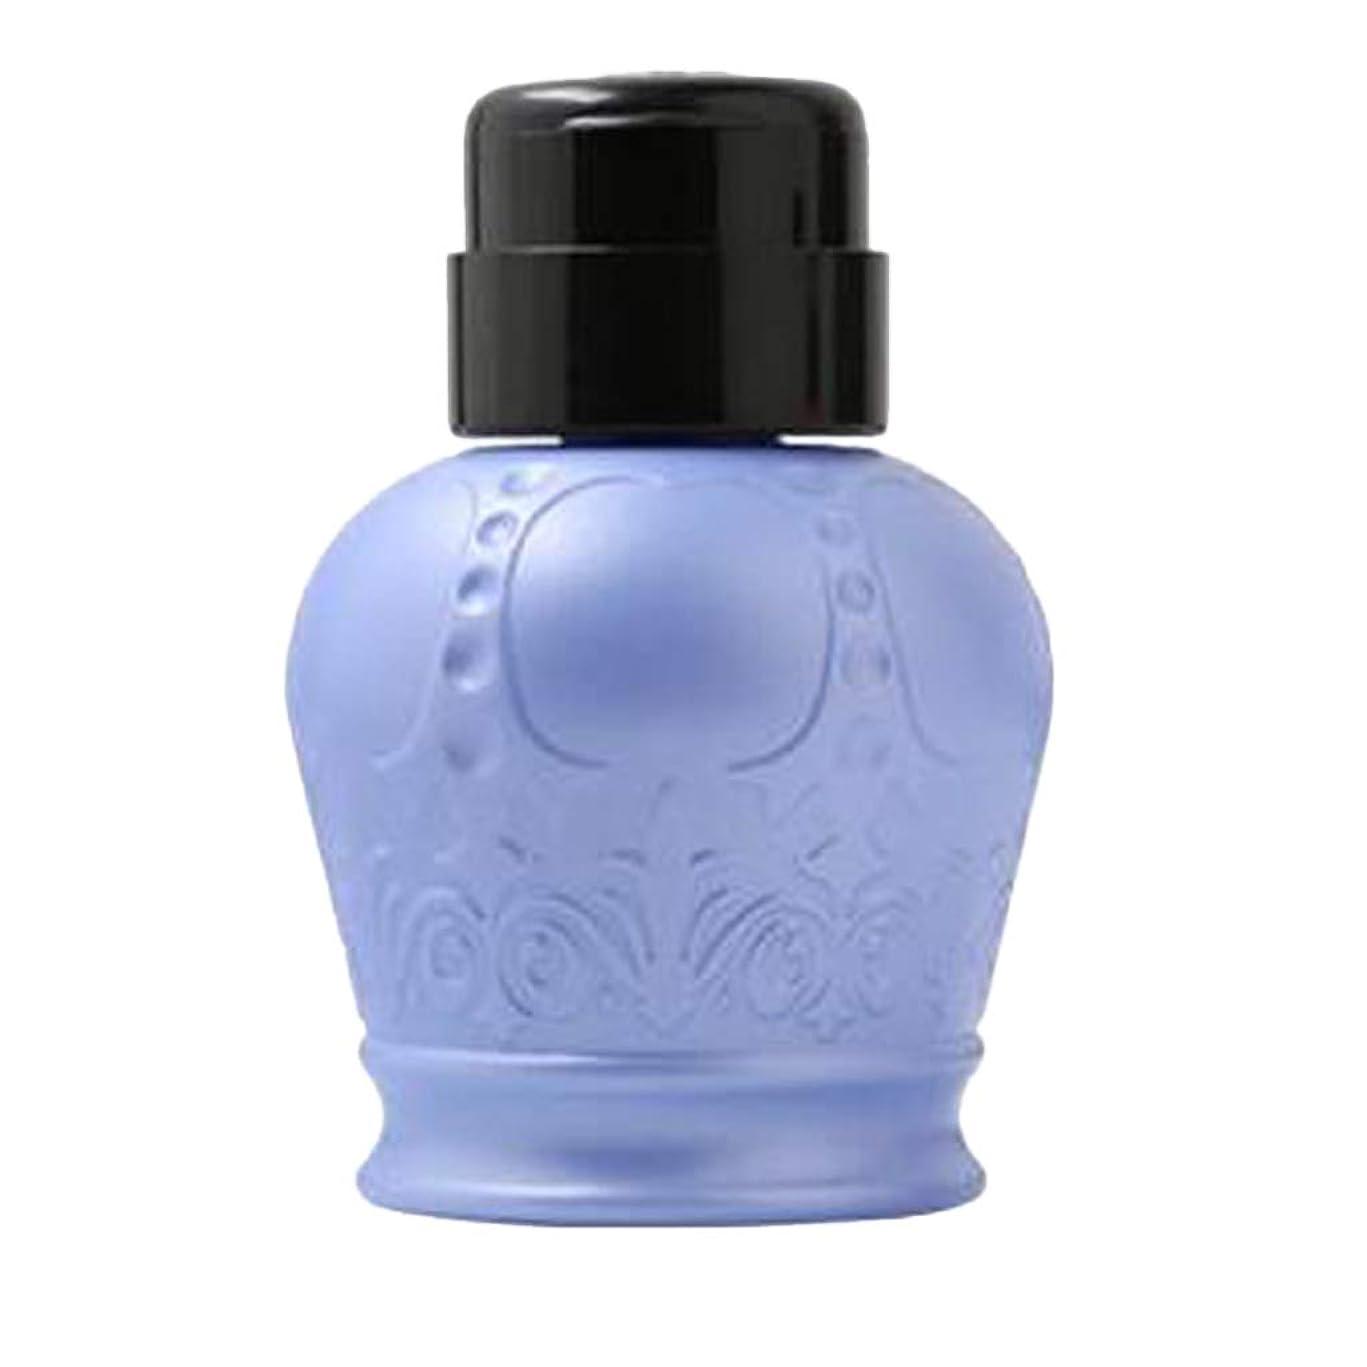 説明合併症フラフープgazechimp 全2カラー ネイルアート用ディスペンサー アクリルリムーバーボトル ポンプボトル - ブルー